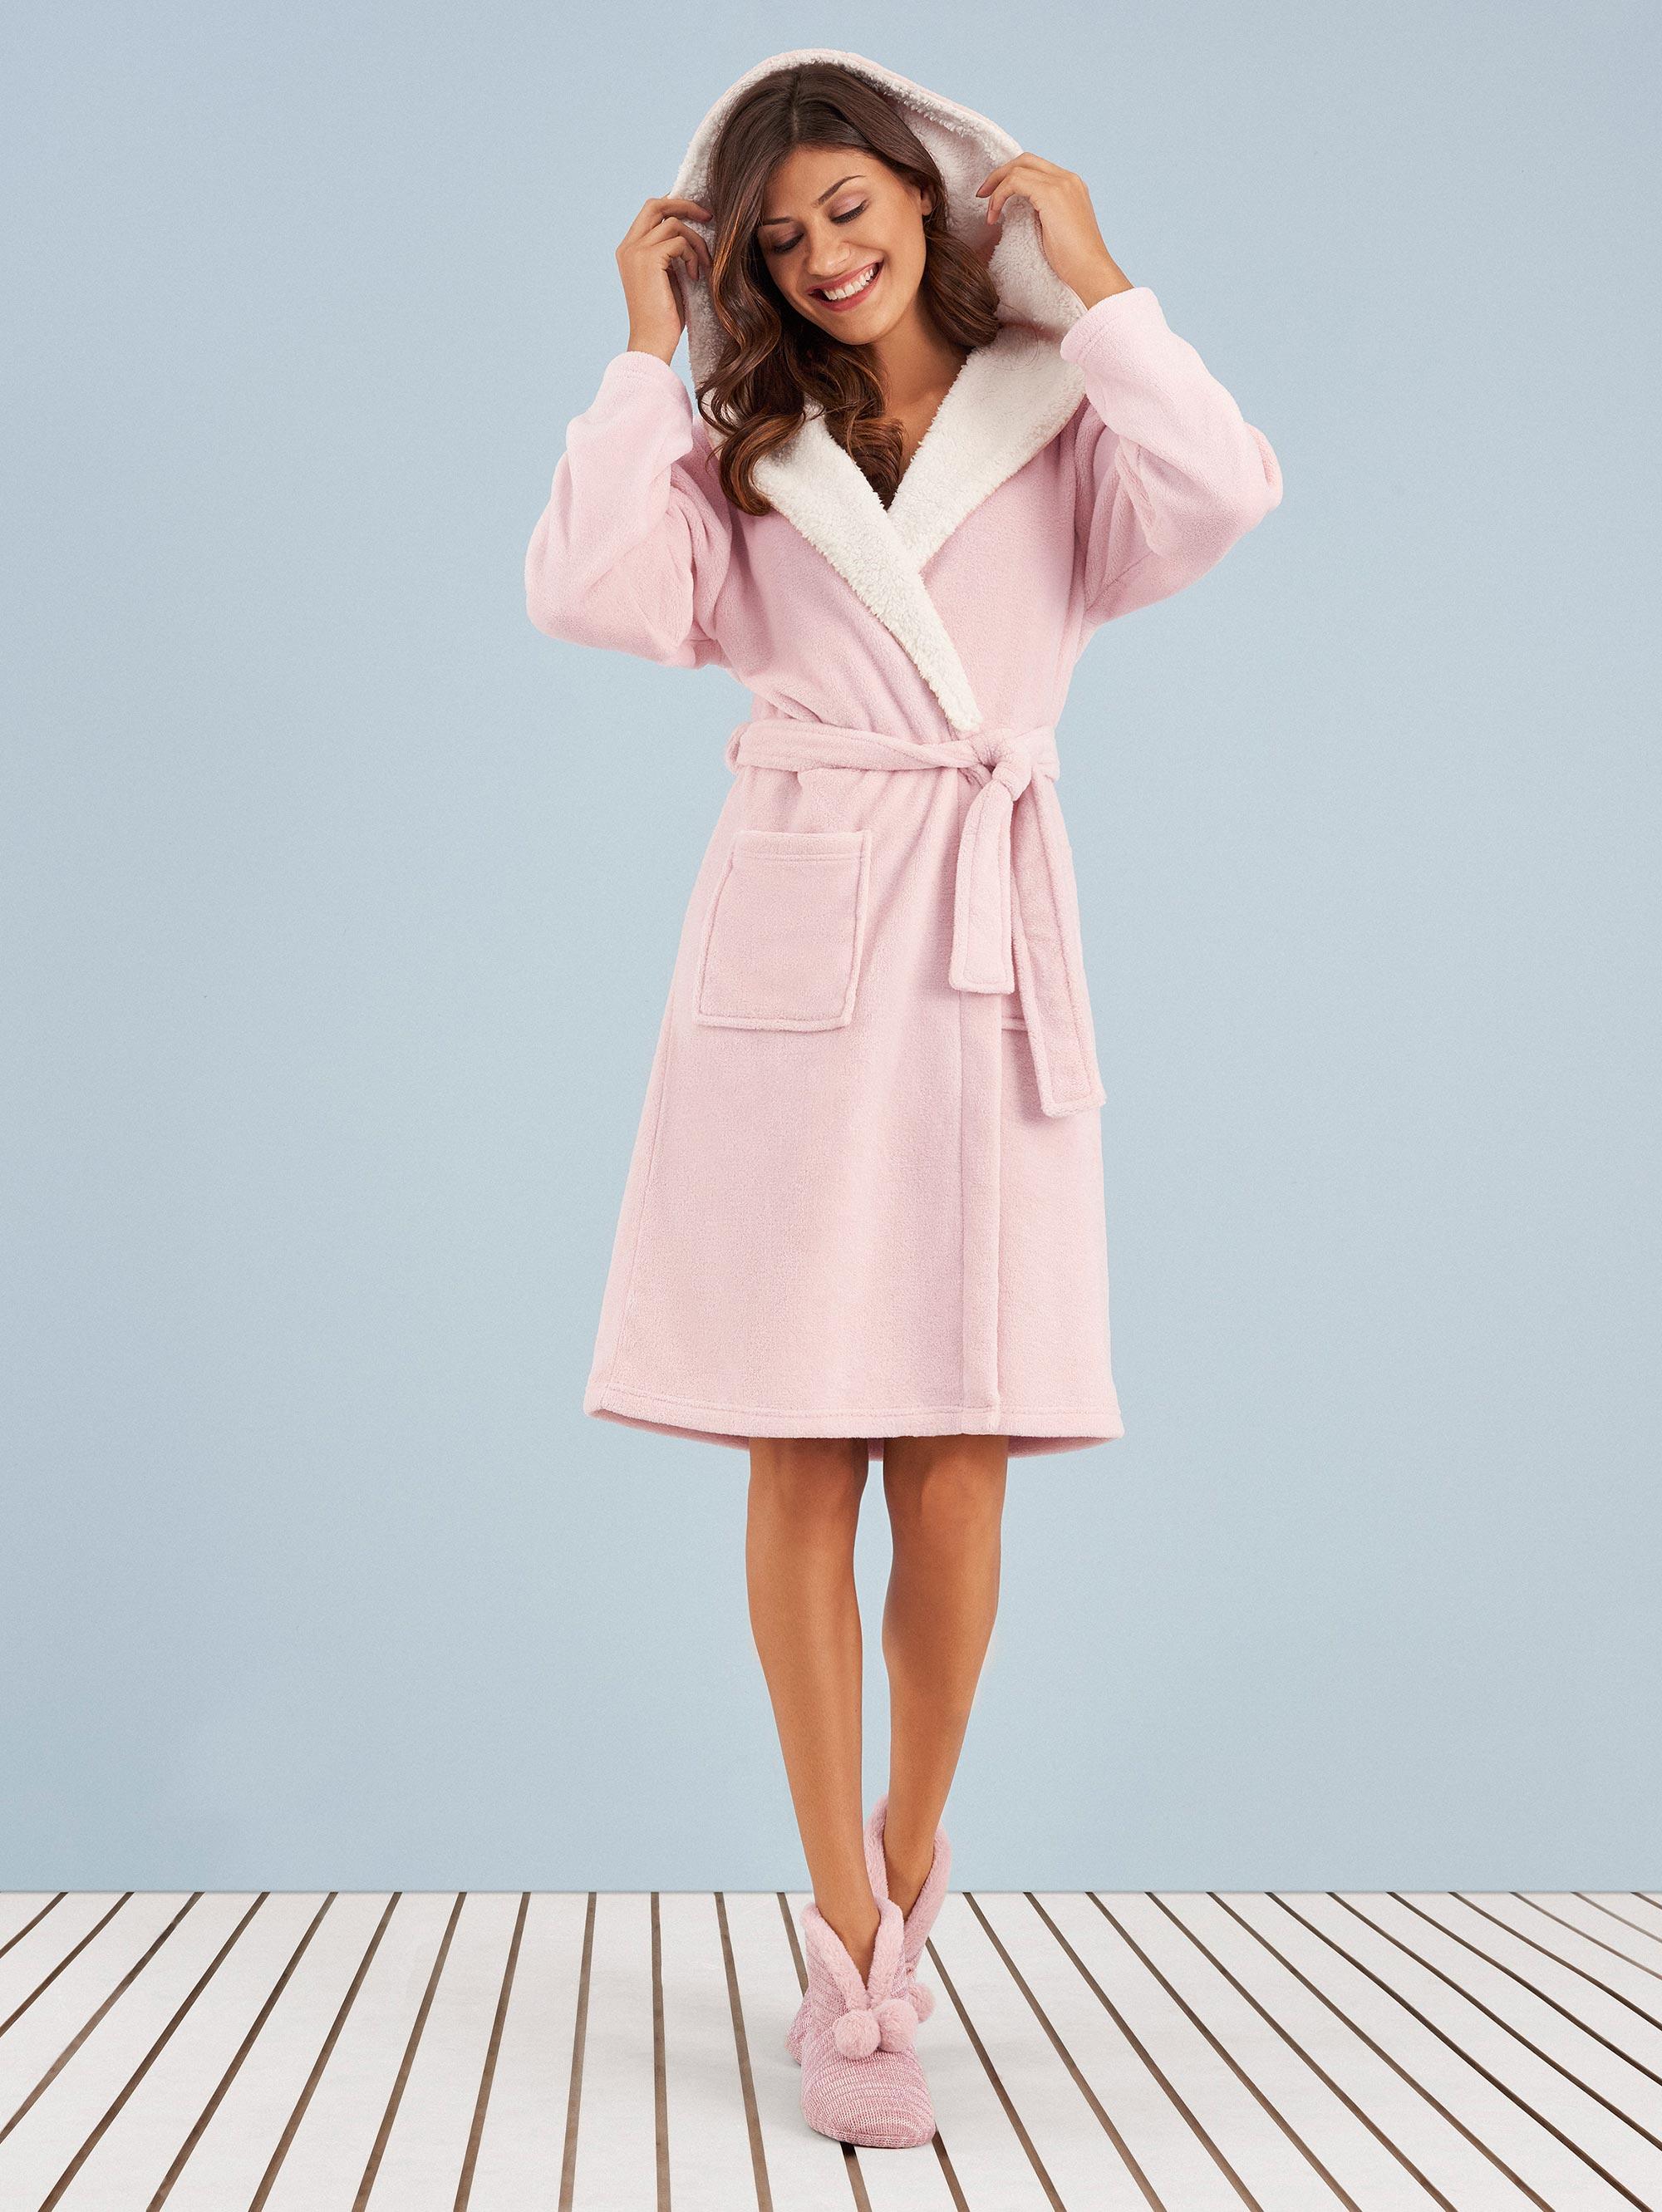 robe-manga-longa-lindsay-any-any